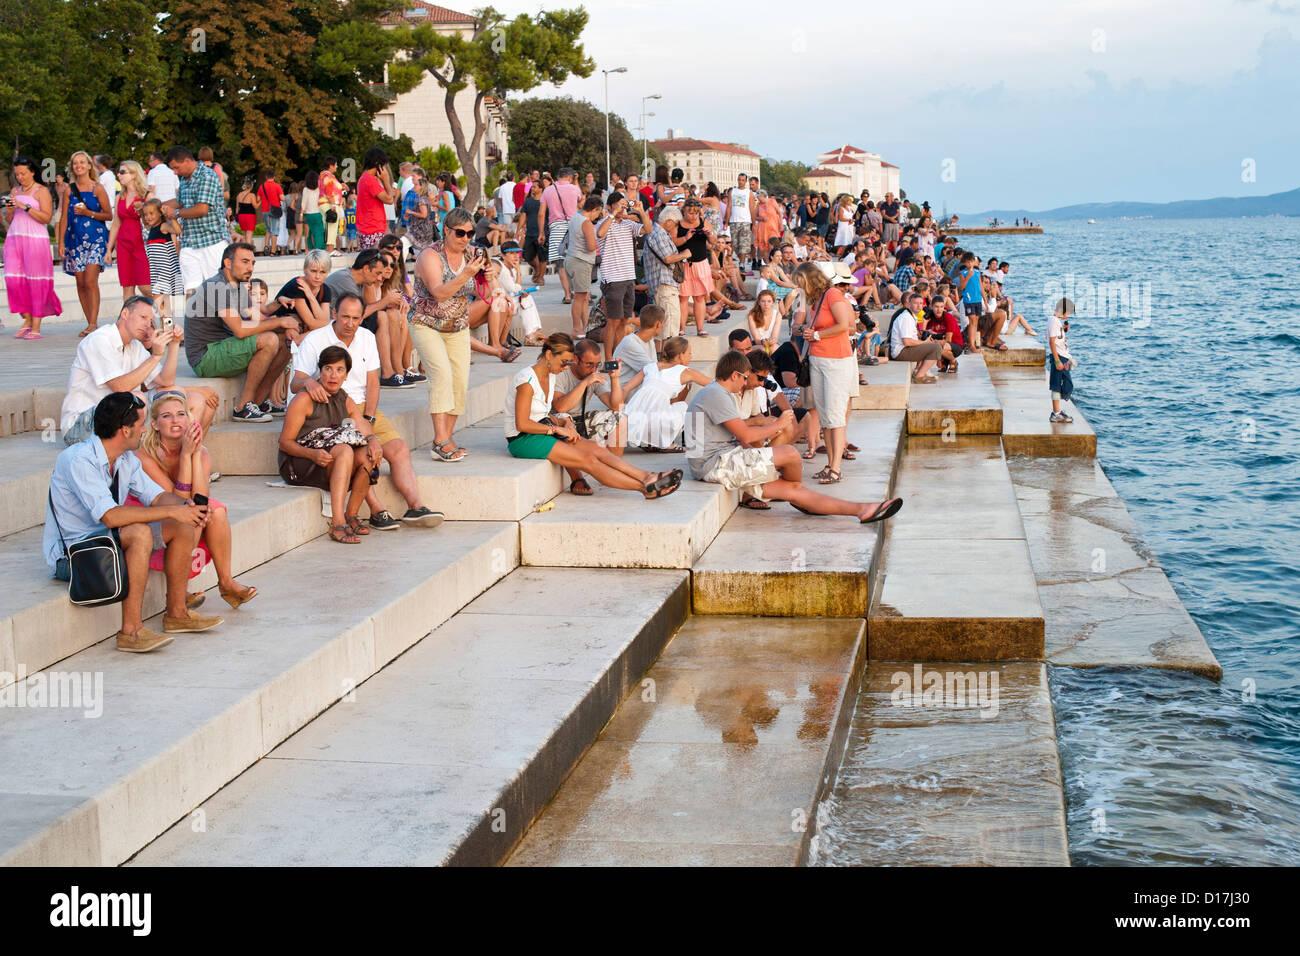 Menschen auf den Stufen des die Meeresorgel in Zadar an der Adriaküste in Kroatien. Stockbild